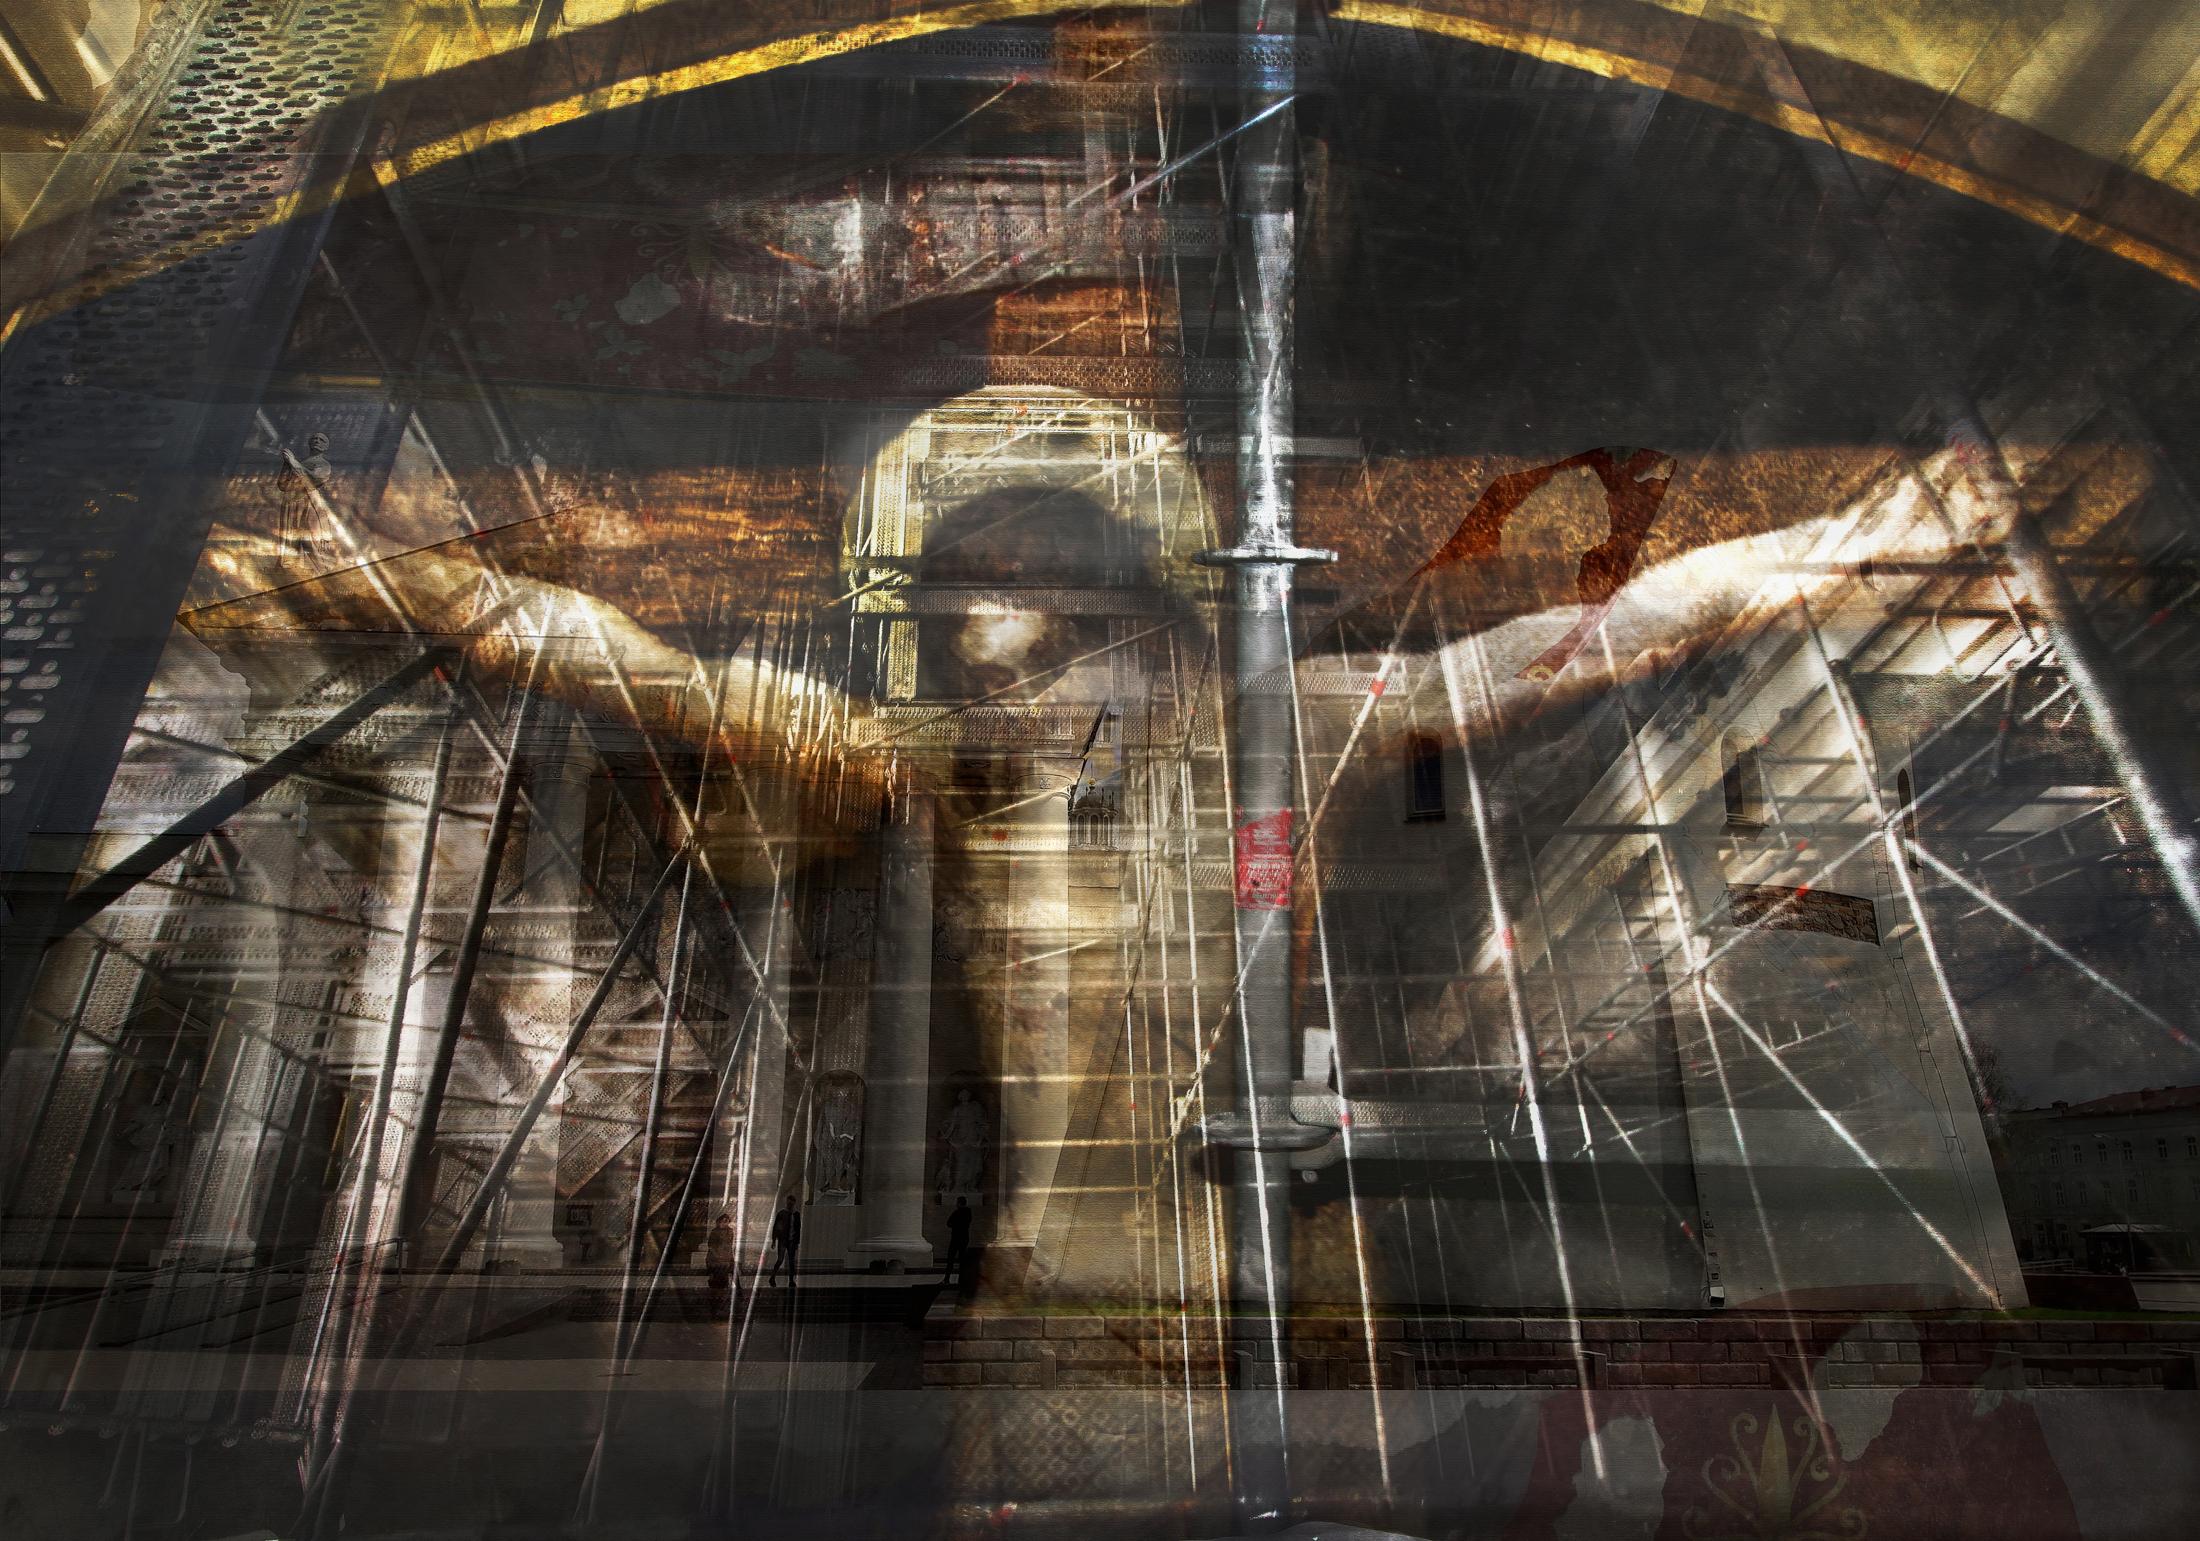 Daumantas Pilipavicius. Crucifix, 2019, 70x100cm., photo print, aluminum plate